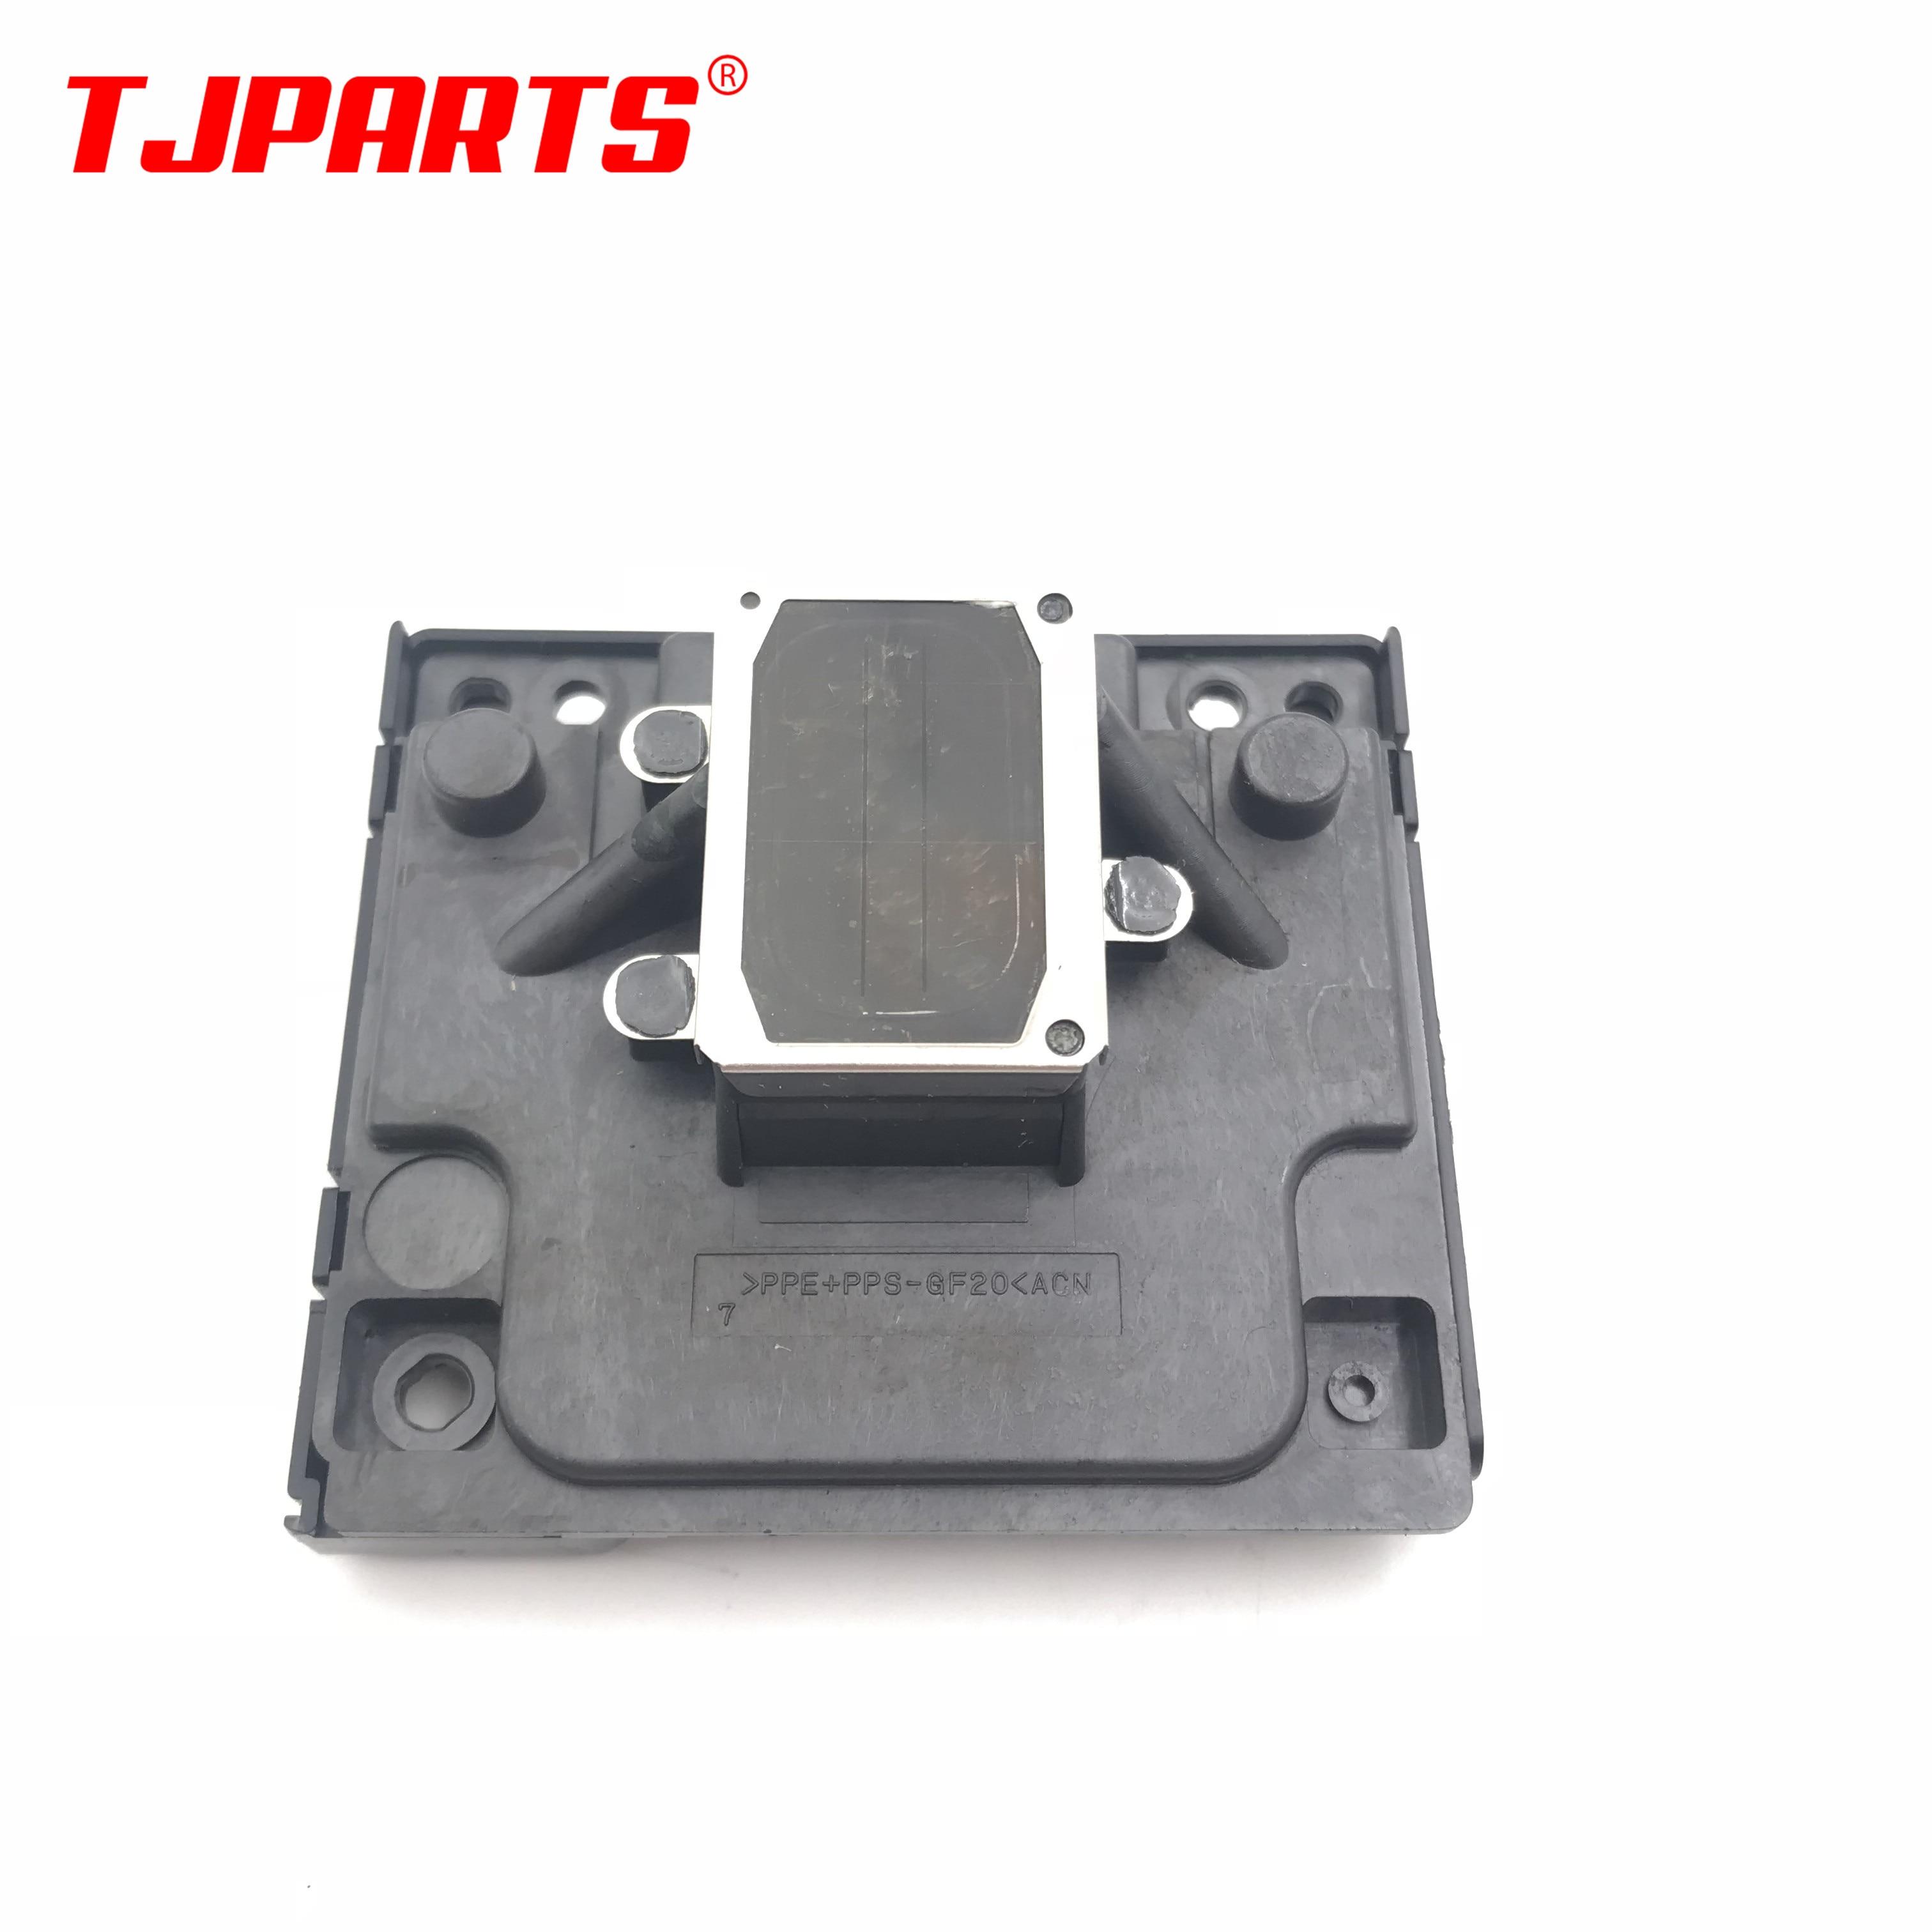 Печатающая головка F181010 для Epson ME510 L101 L201 L100 ME32 C90 T11 T13 T20E L200 ME340 TX100 TX101 TX105 TX110 TX111 TX121